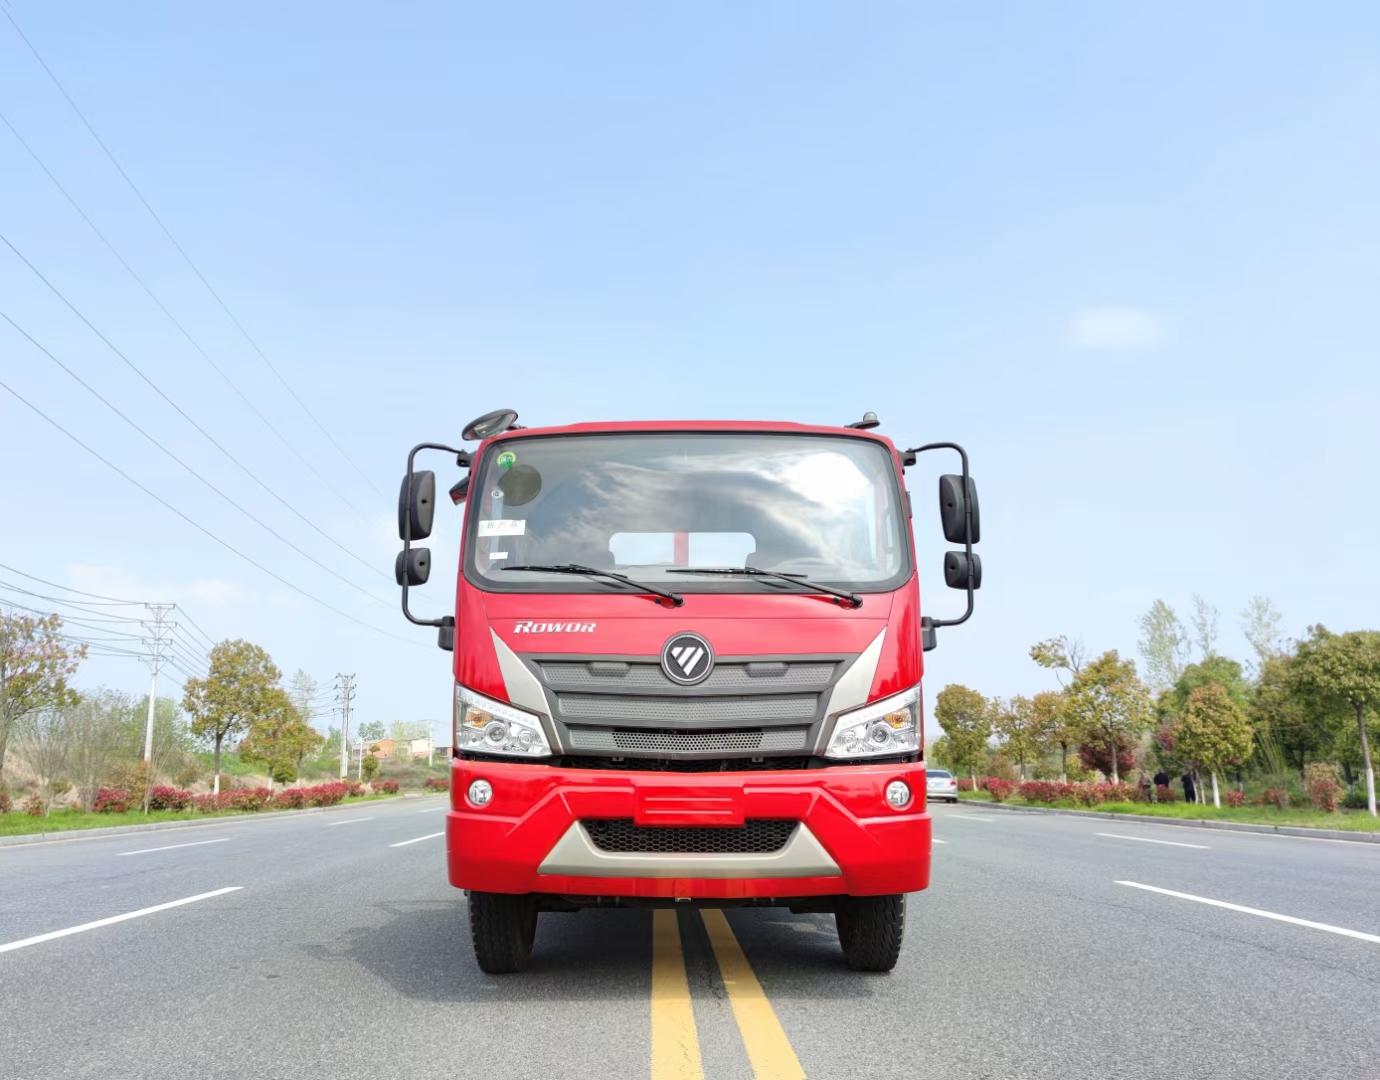 福田瑞沃4200轴距国六平板运输车图片